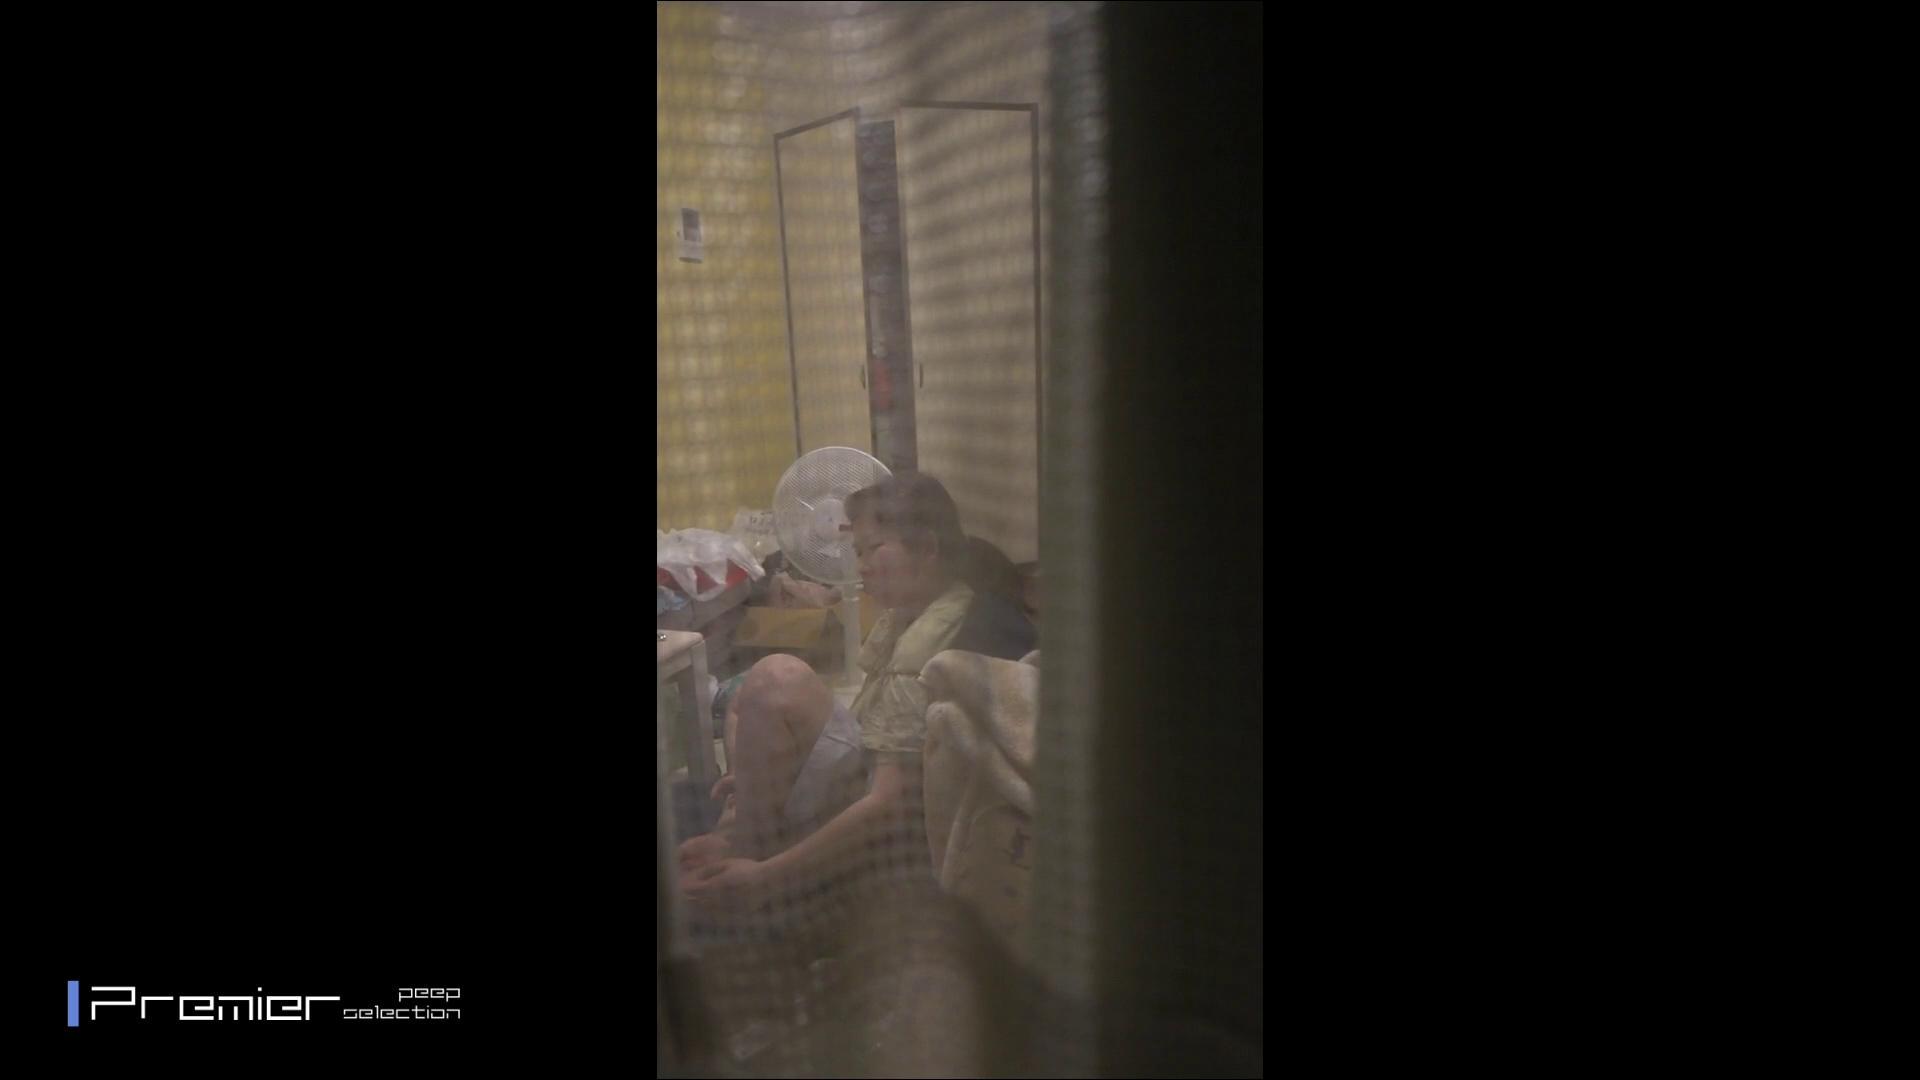 美女たちの日常を観察 美女達の私生活に潜入! 細身女性 スケベ動画紹介 109画像 51